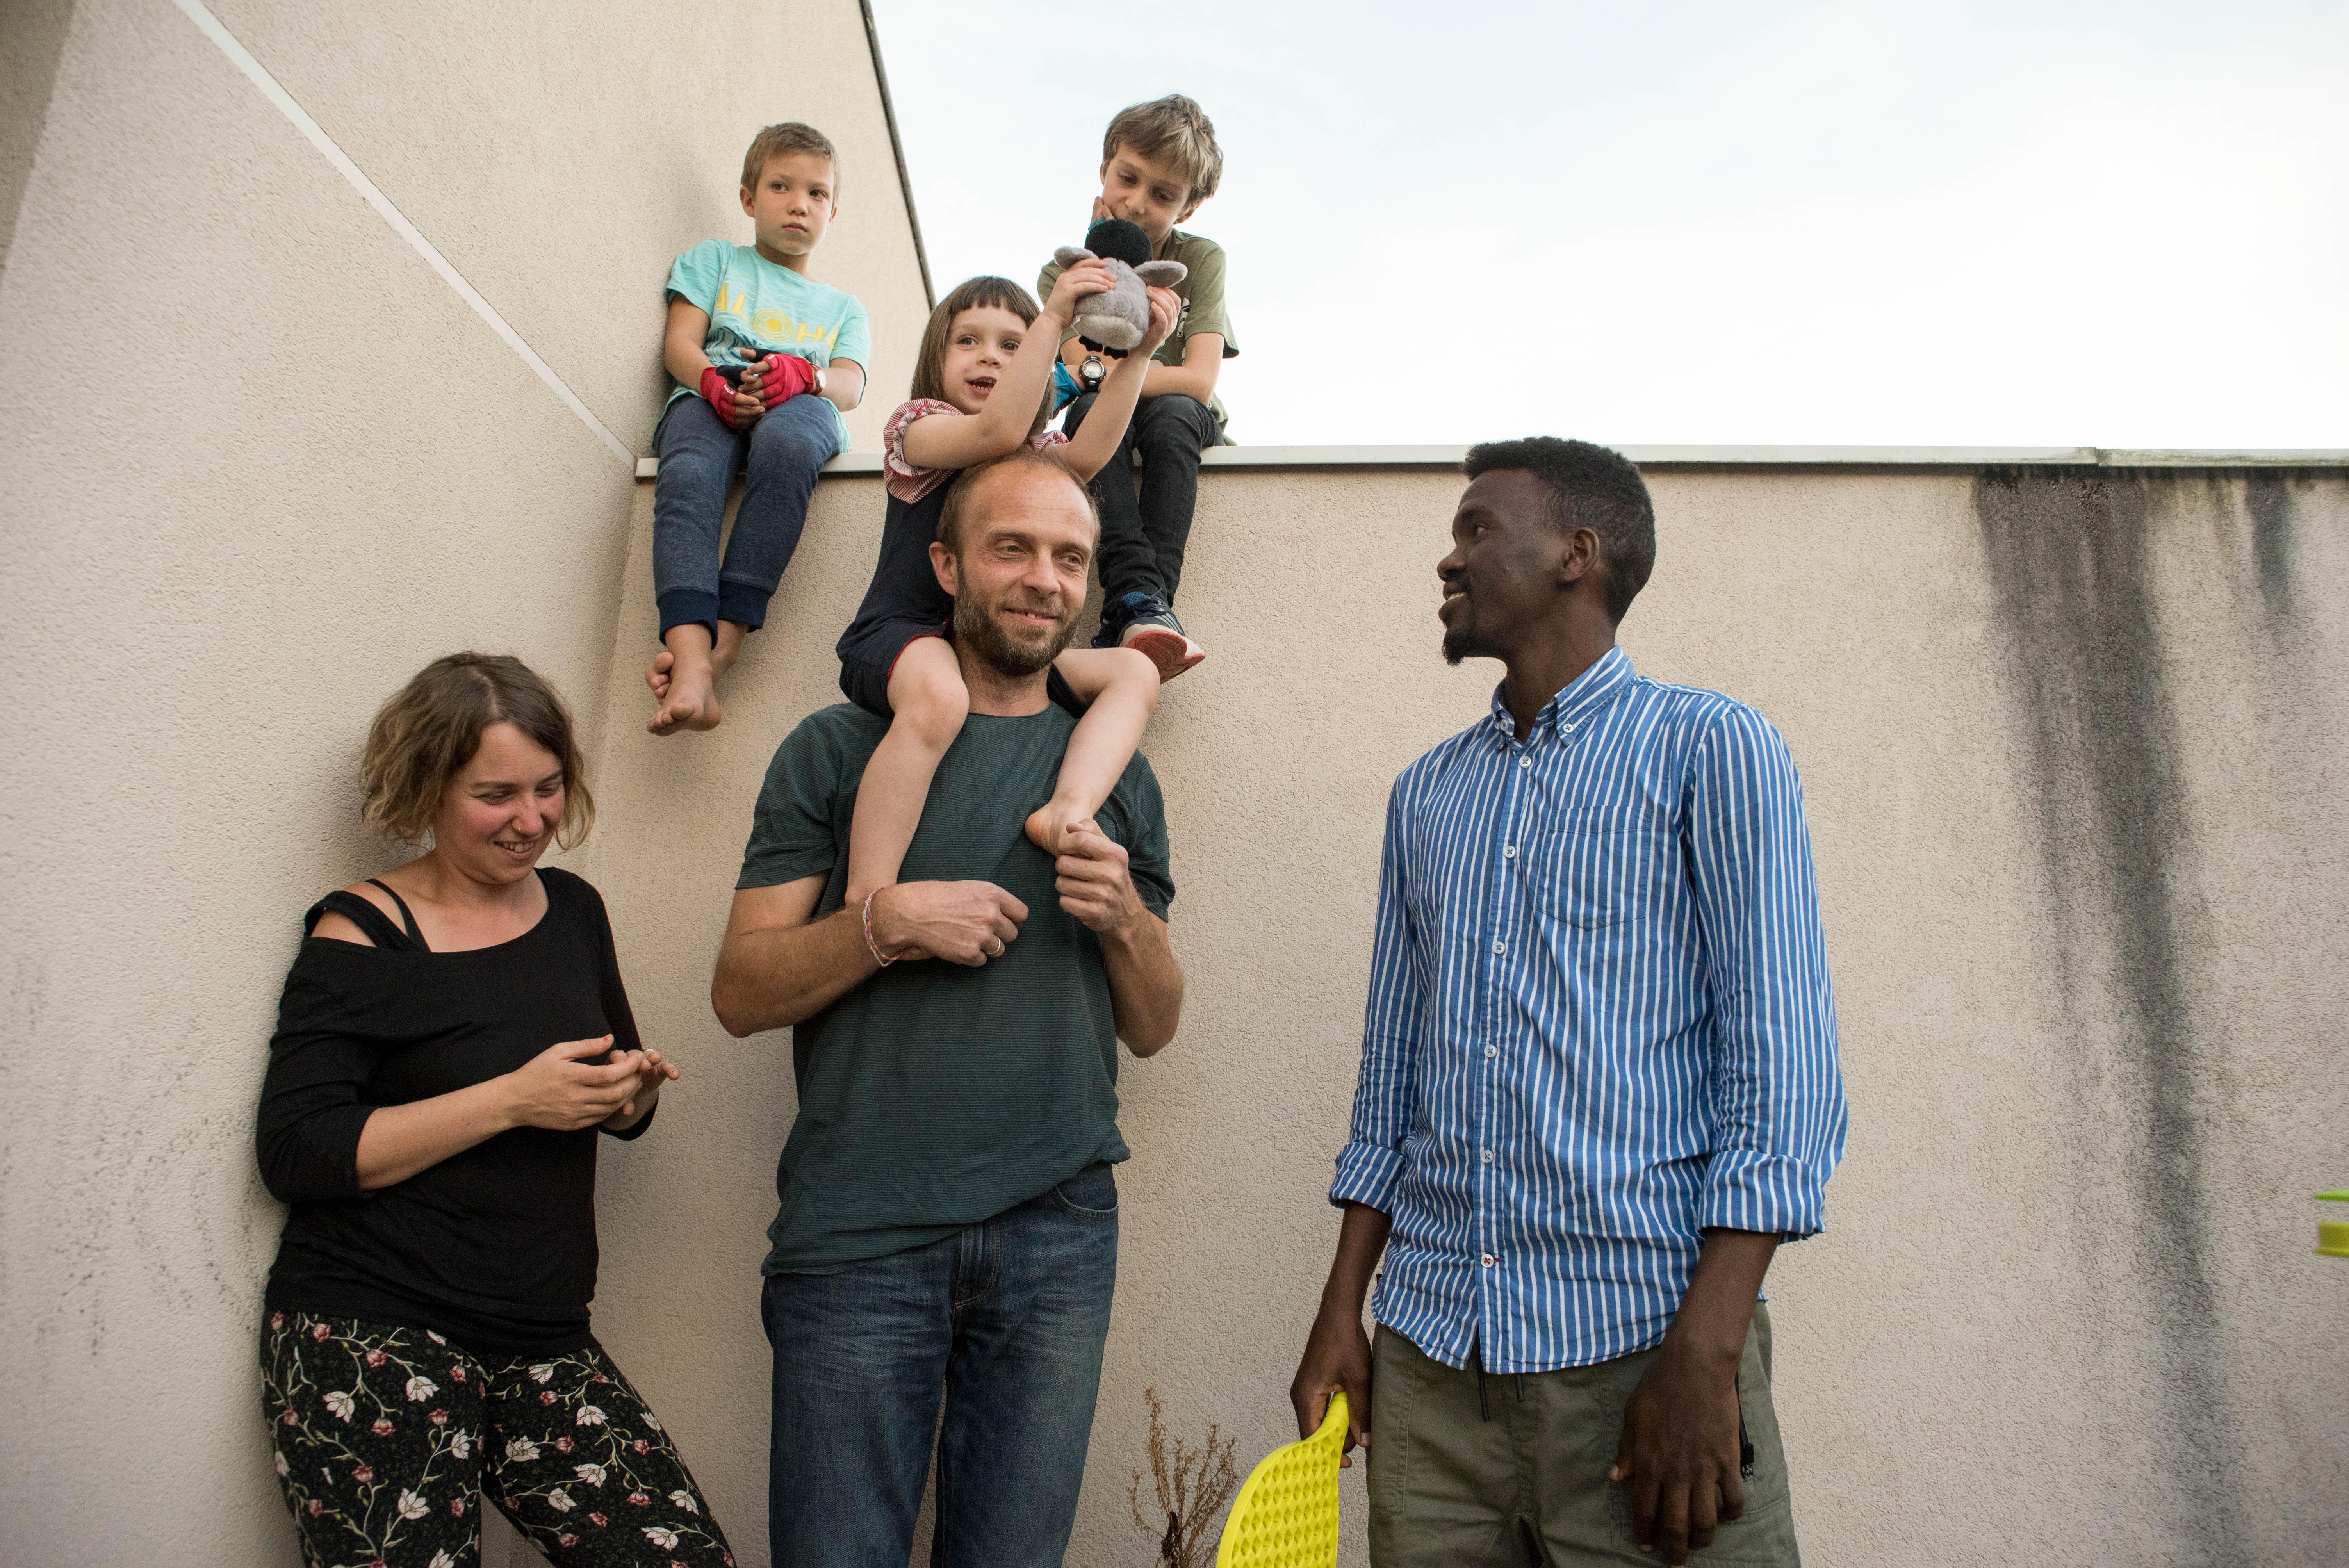 Keren en compagnie d'un réfugié qu'elle a accueillie - DR © Julie L. & Kenia S.